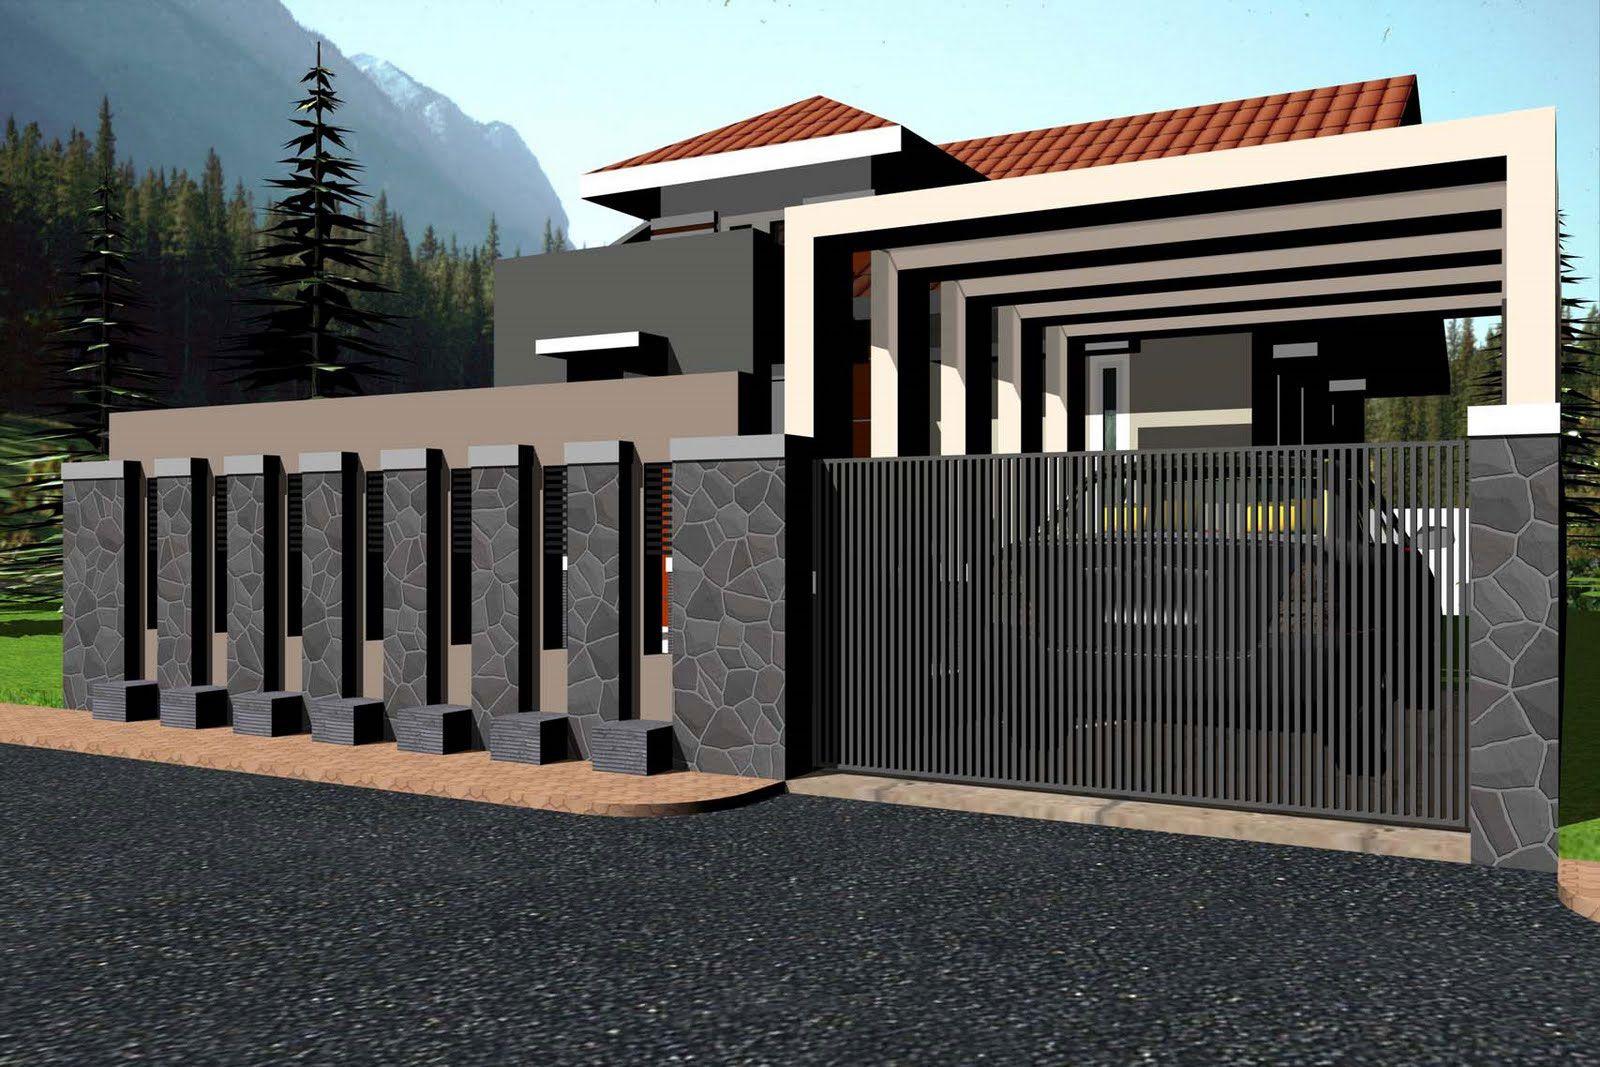 70 Model Pagar Rumah Minimalis Kayu Dan Besi Dalam Membangun Sebuah Merupakan Satu Komponen Yang Cukup Penting Meski Pun